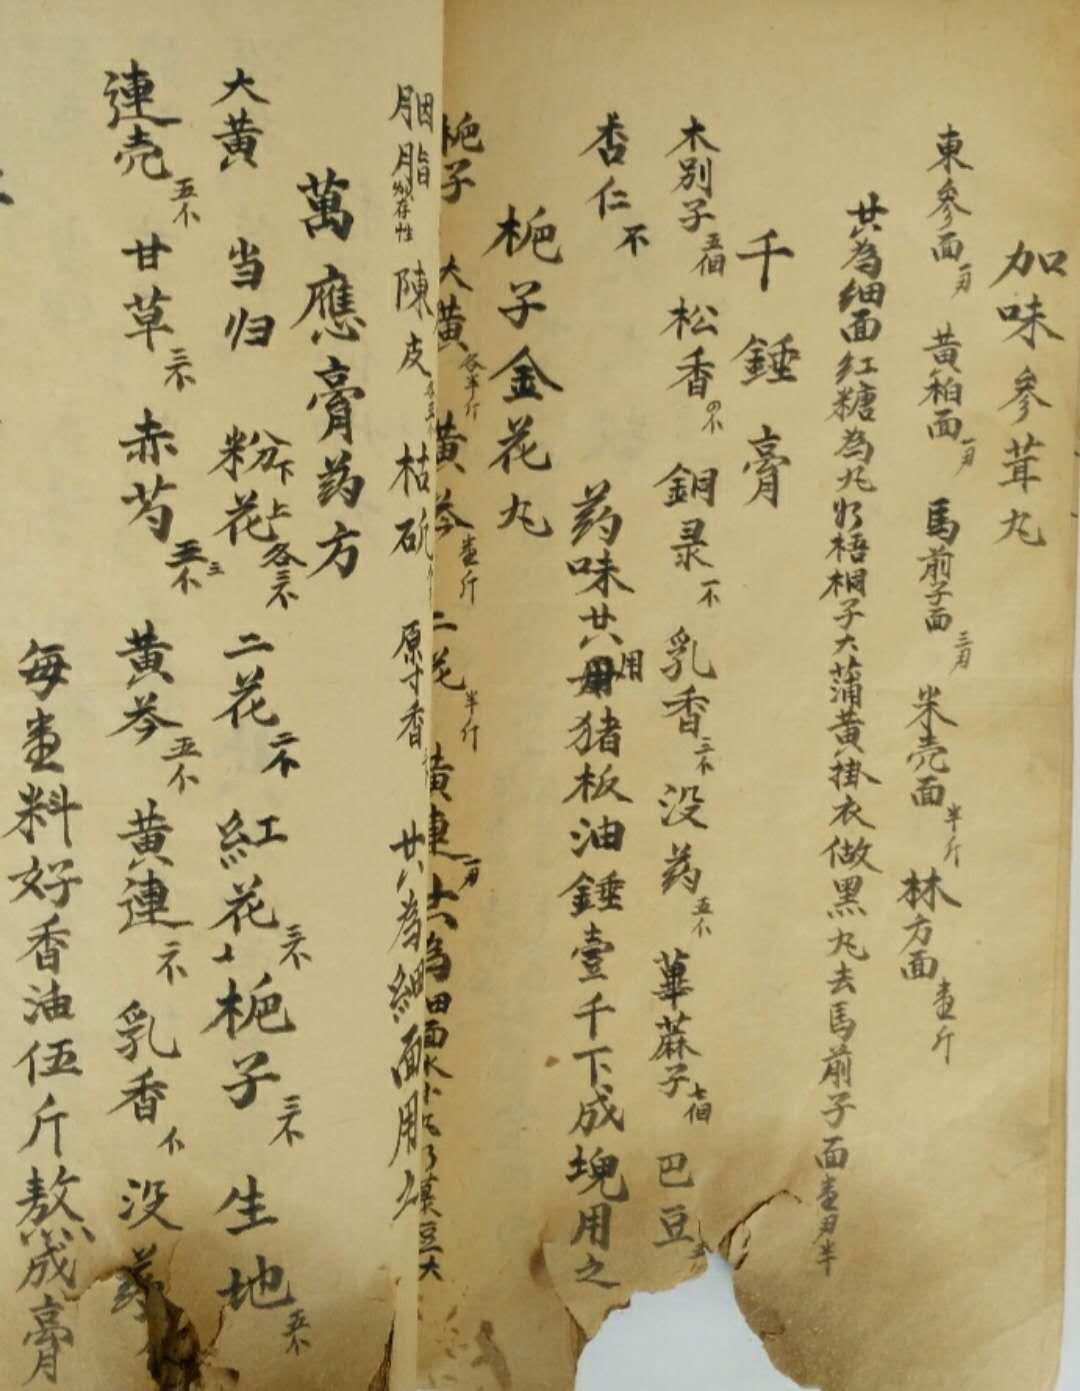 兰州牛肉面文化文章用图 (4).jpg